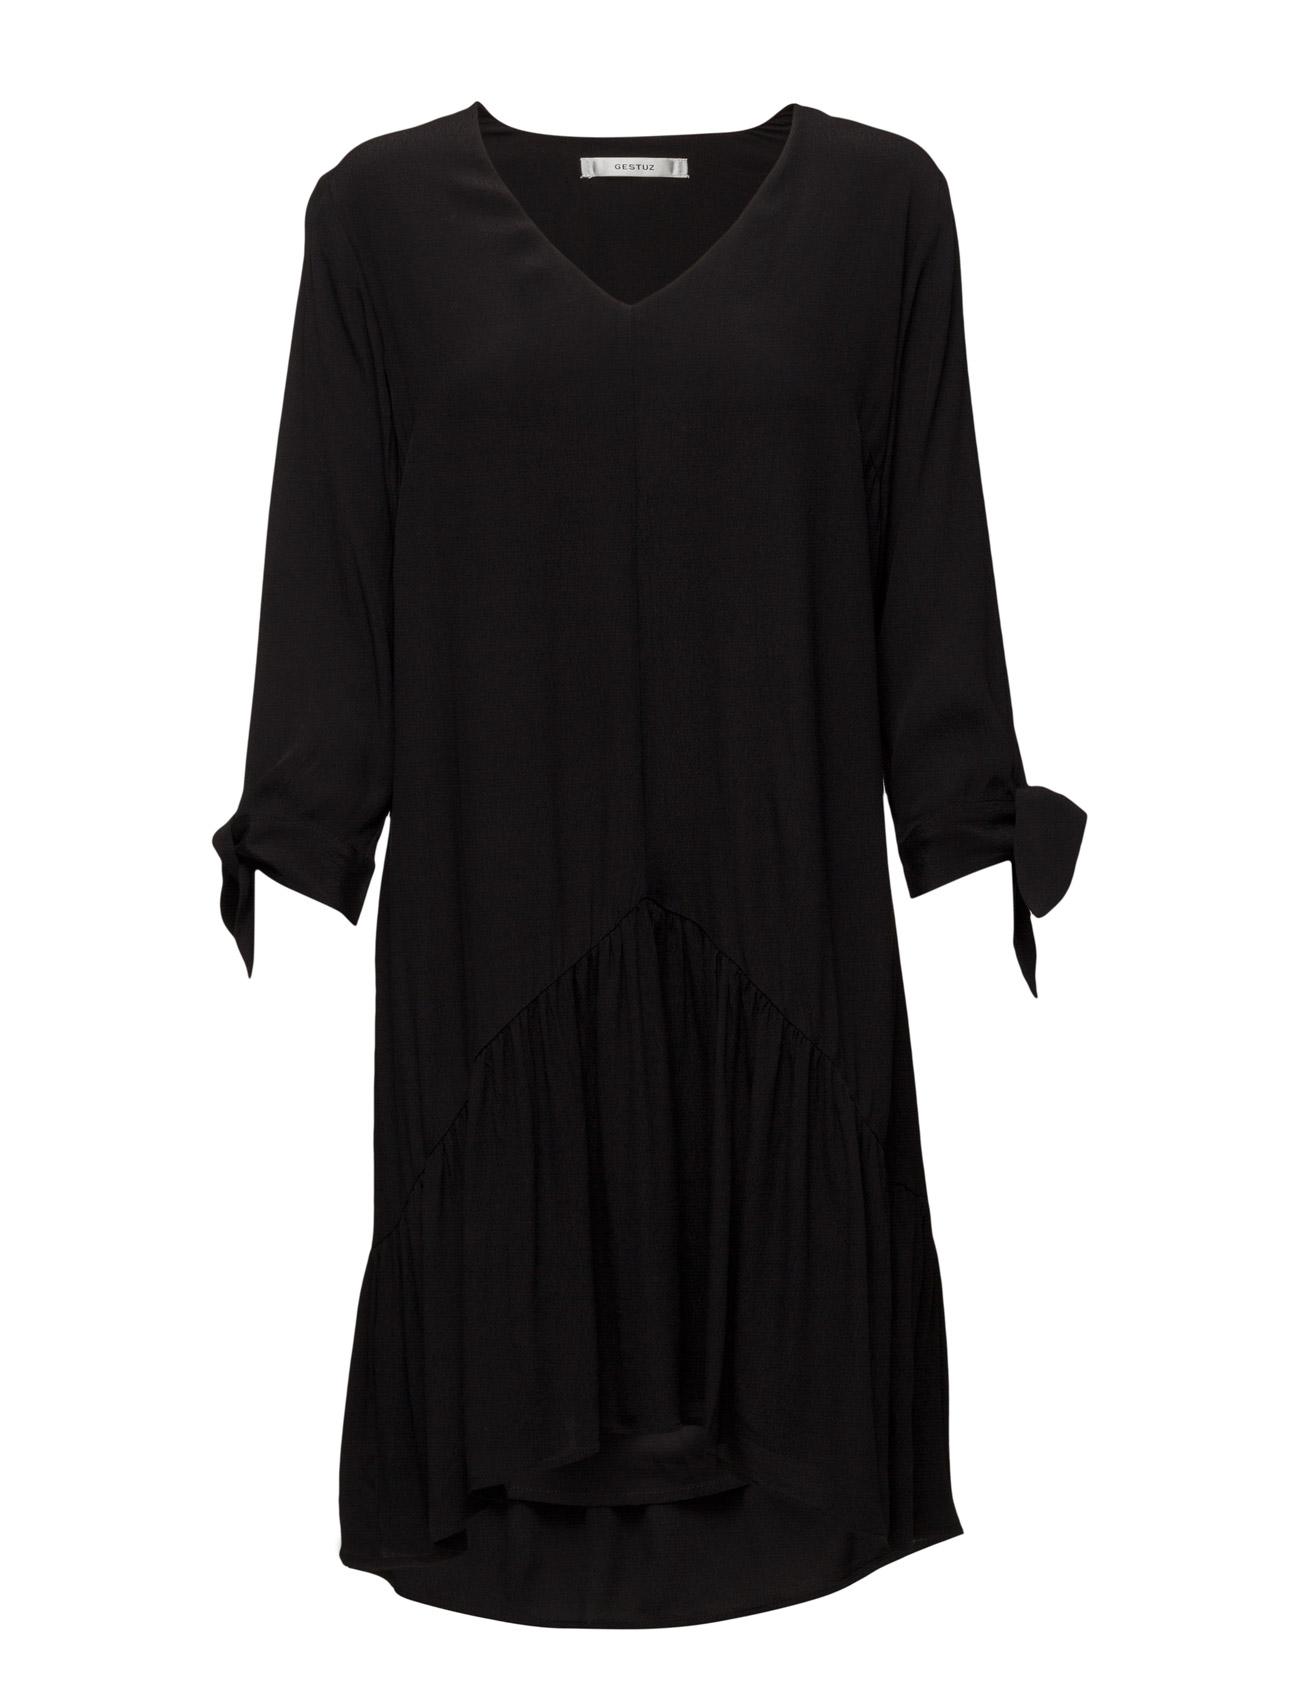 Viva Dress So17 Gestuz Kjoler til Kvinder i